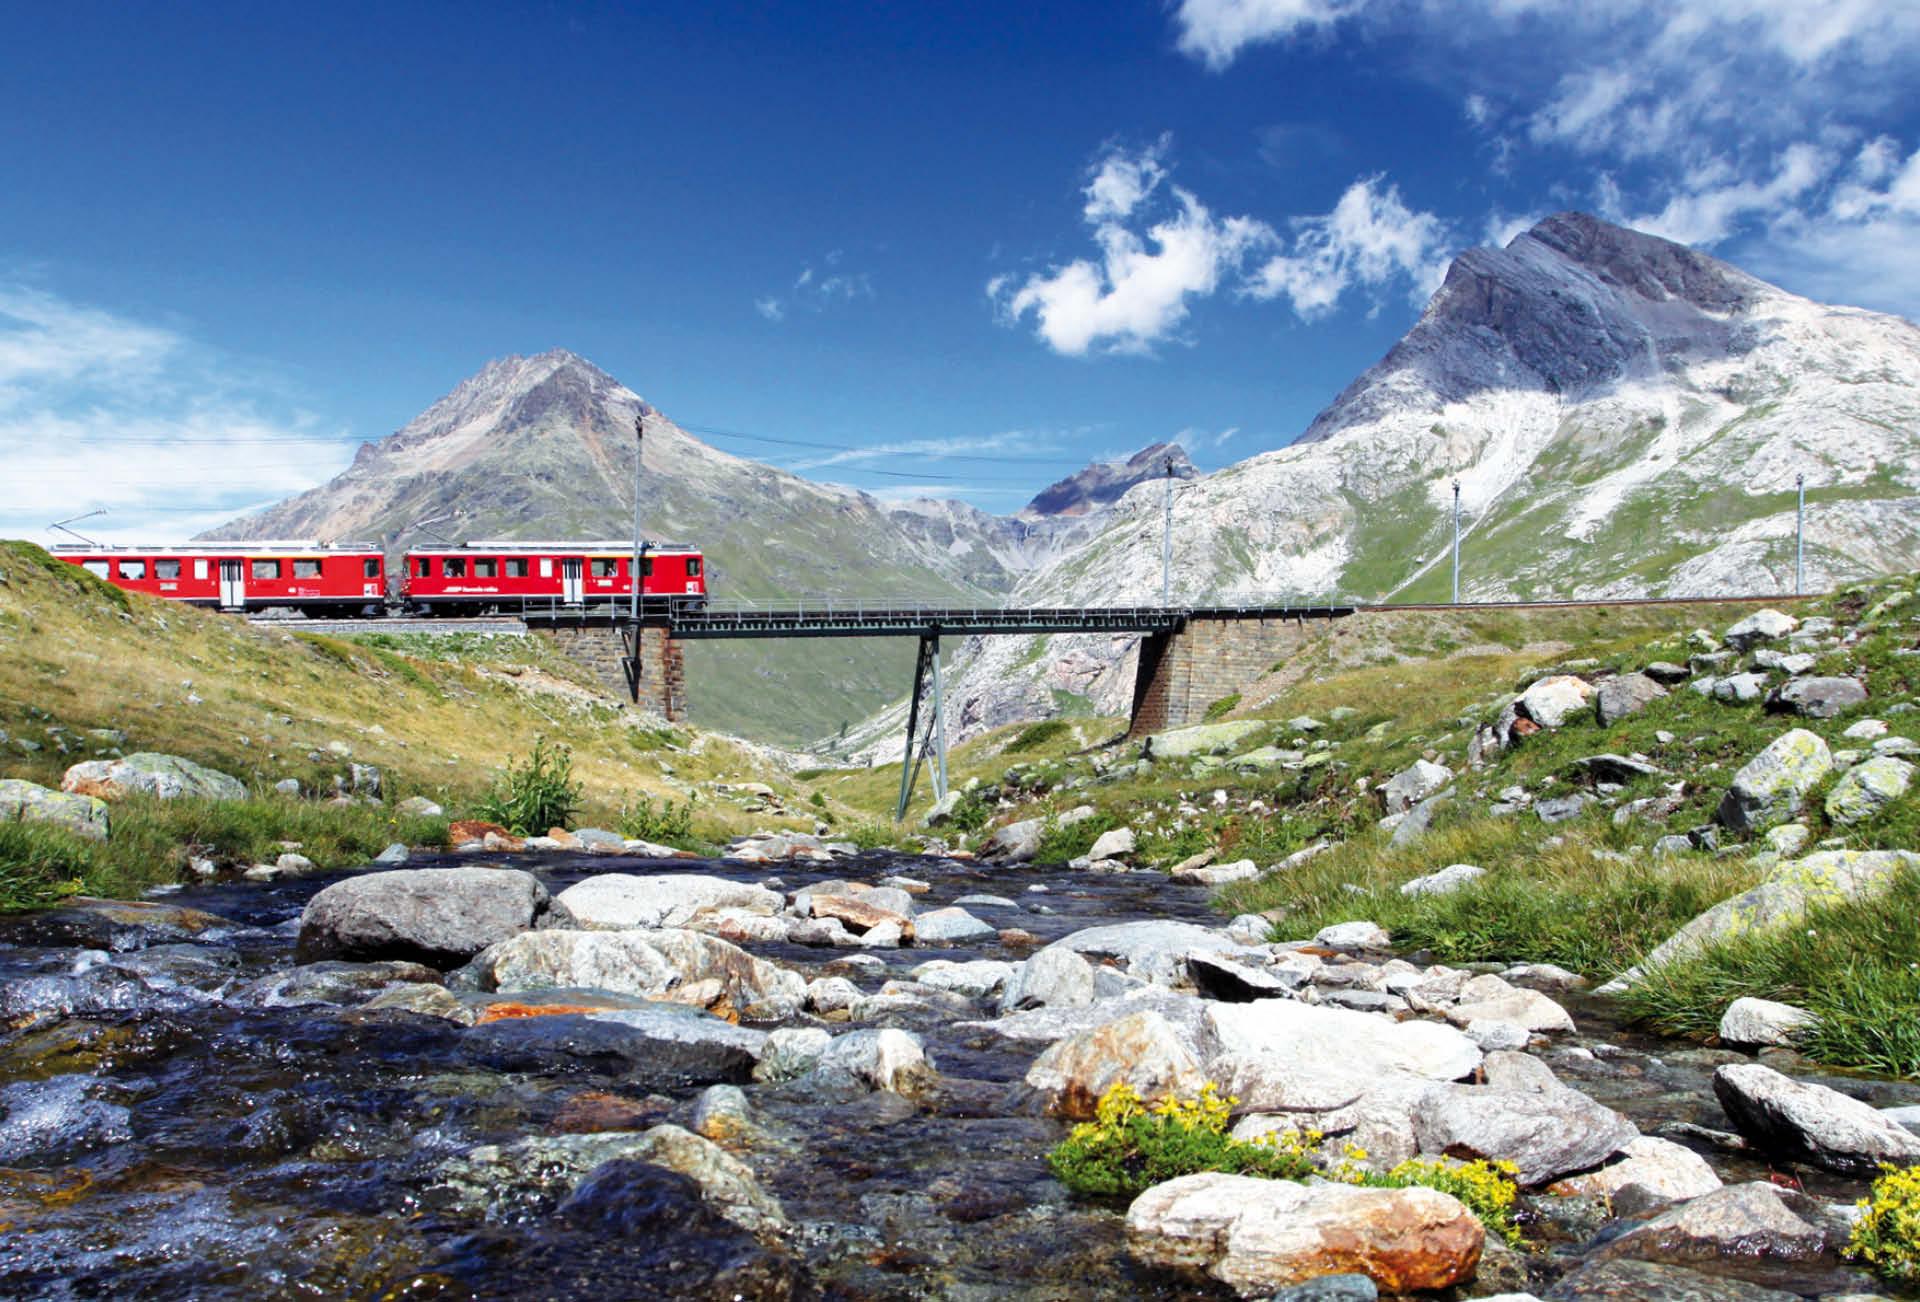 Radtour-schweiz.jpg